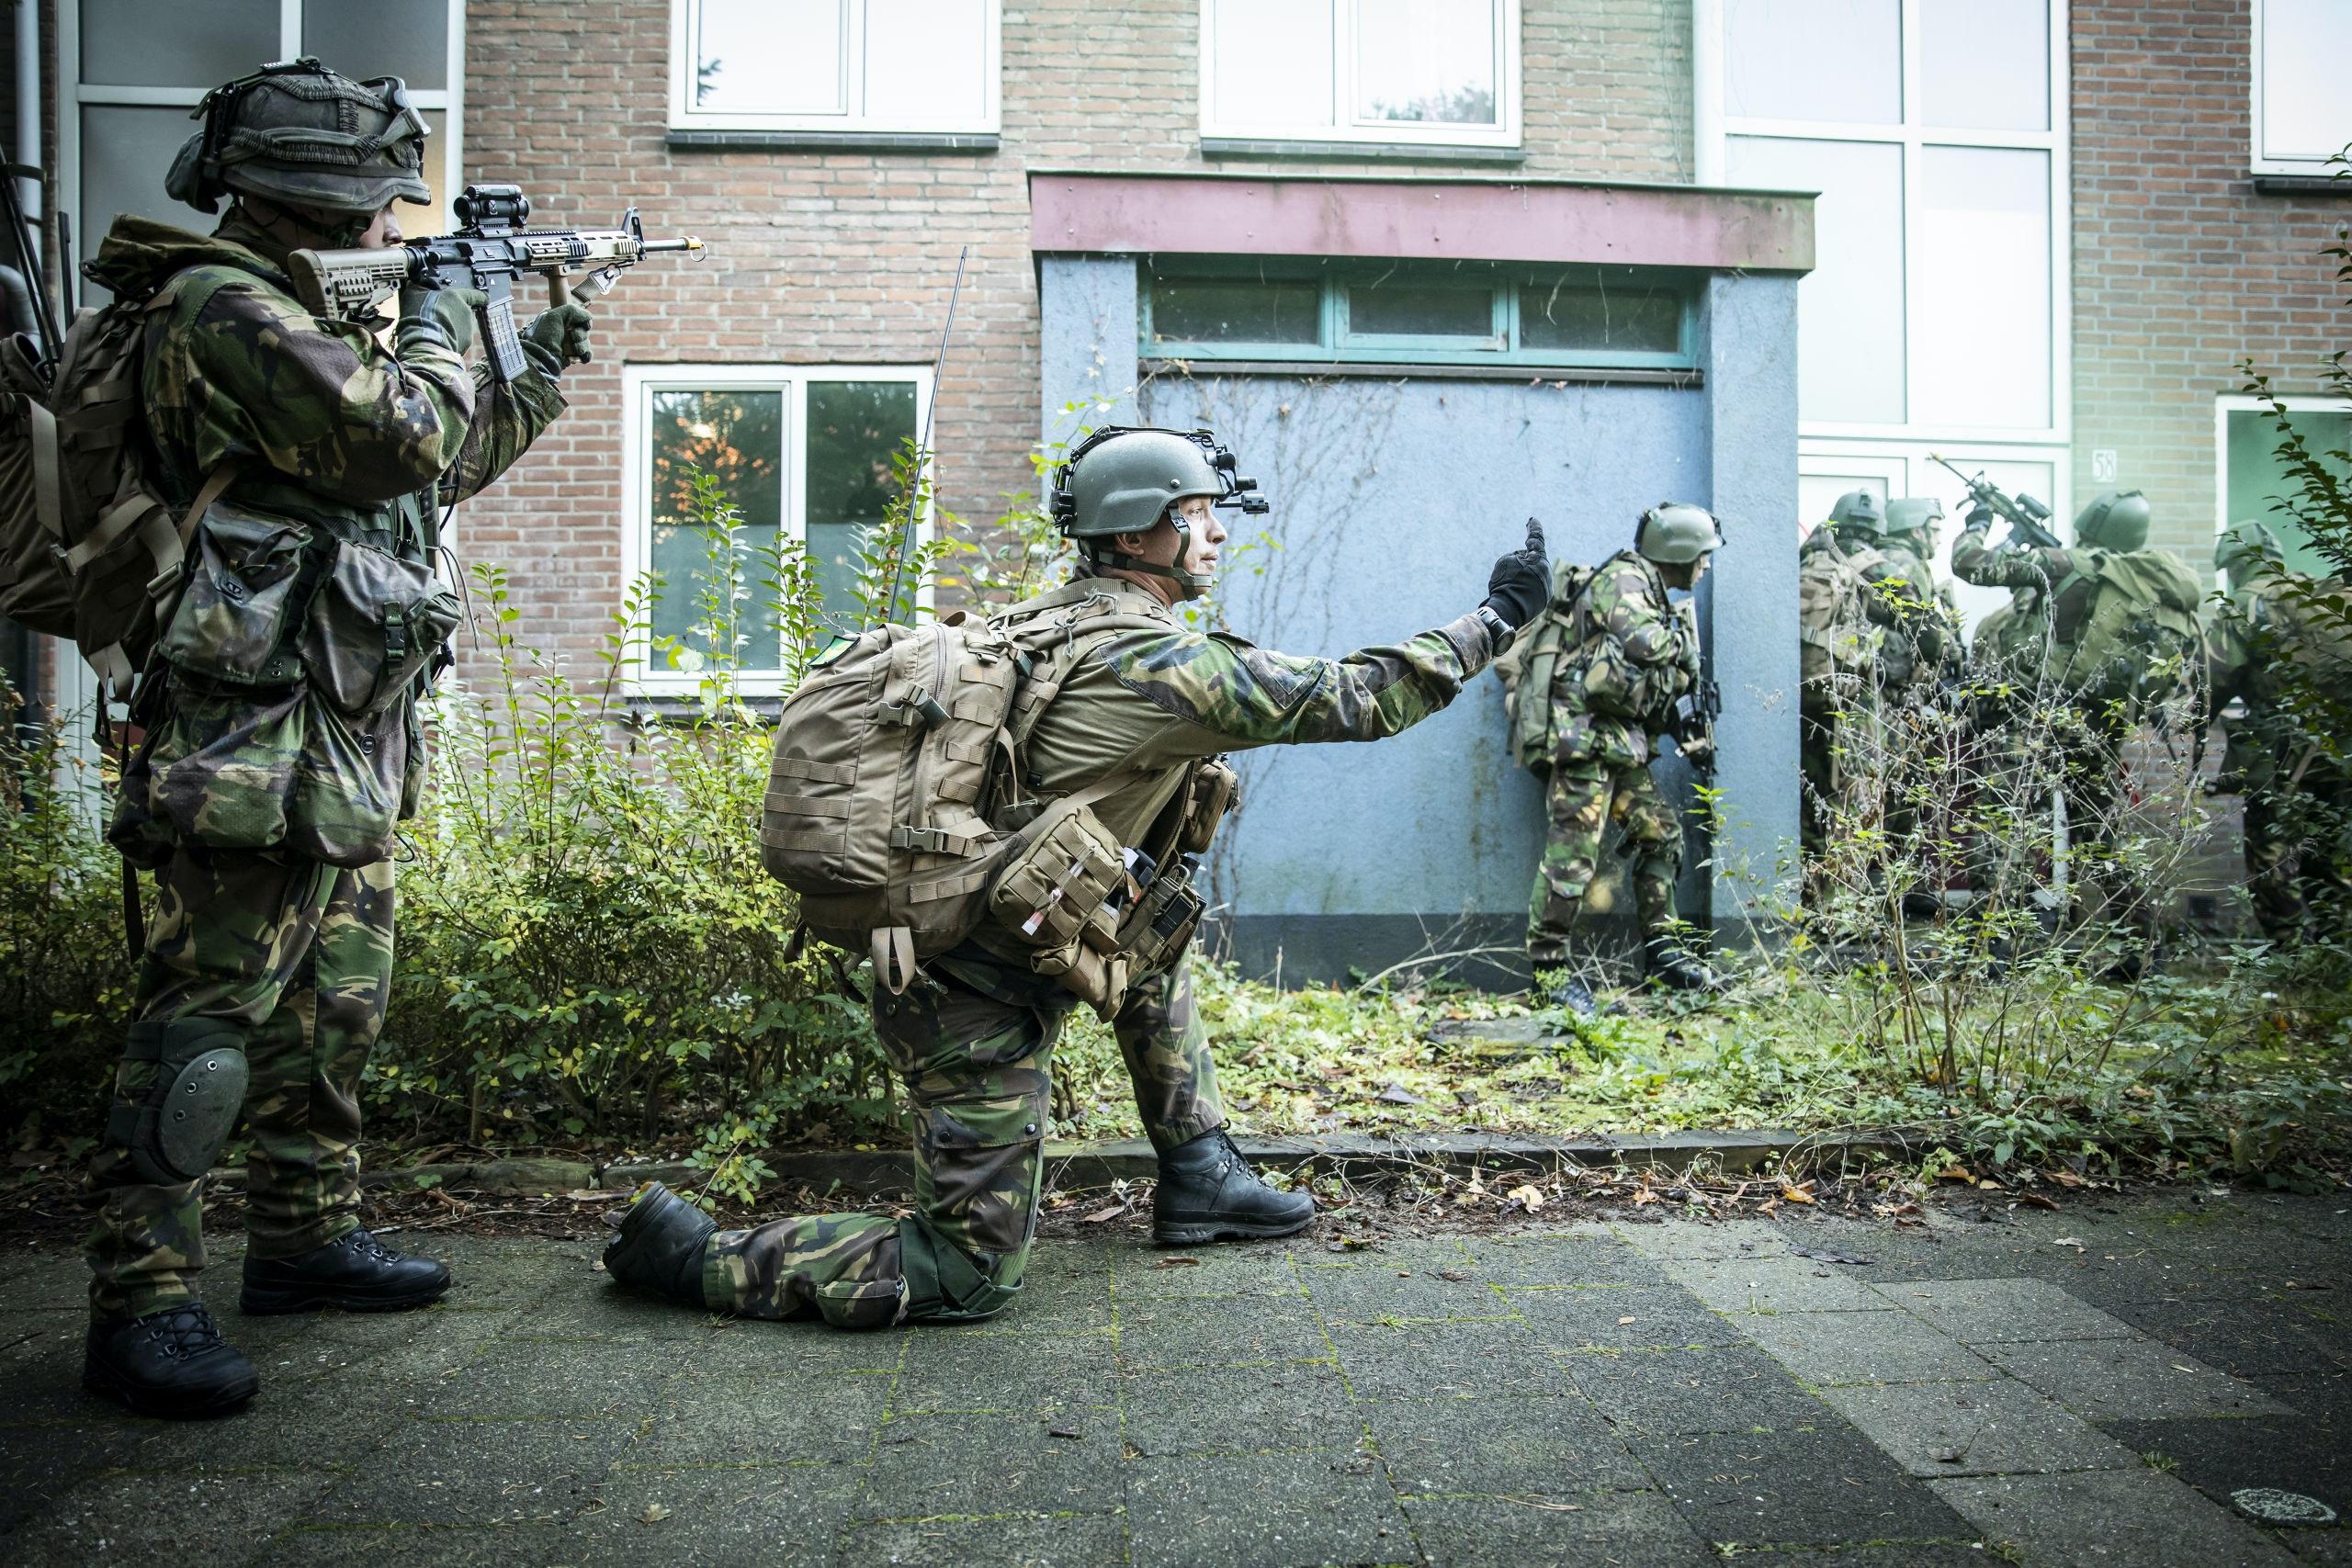 RIJSWIJK. - Militairen van de Luchtmobiele Brigade oefenen in woningen . Donderdag werden de militairen rond 13:00 uur per helikopter afgezet op een weiland in Delft. Een deel vertrok naar de spoortunnel bij de DSM-fabriek, een ander deel ging naar Rijswijk. Daar werdt in een aantal leegstaande panden aan de Idenburglaan een oefening uitgevoerd. ,Missies in Bosnië, Irak, Afghanistan en Mali hebben uitgewezen dat de militairen het merendeel van hun taken uitvoeren tussen, voor en samen met de bevolking.COPYRIGHT HOLLANDSE HOOGTE /LAURENS VAN PUTTEN